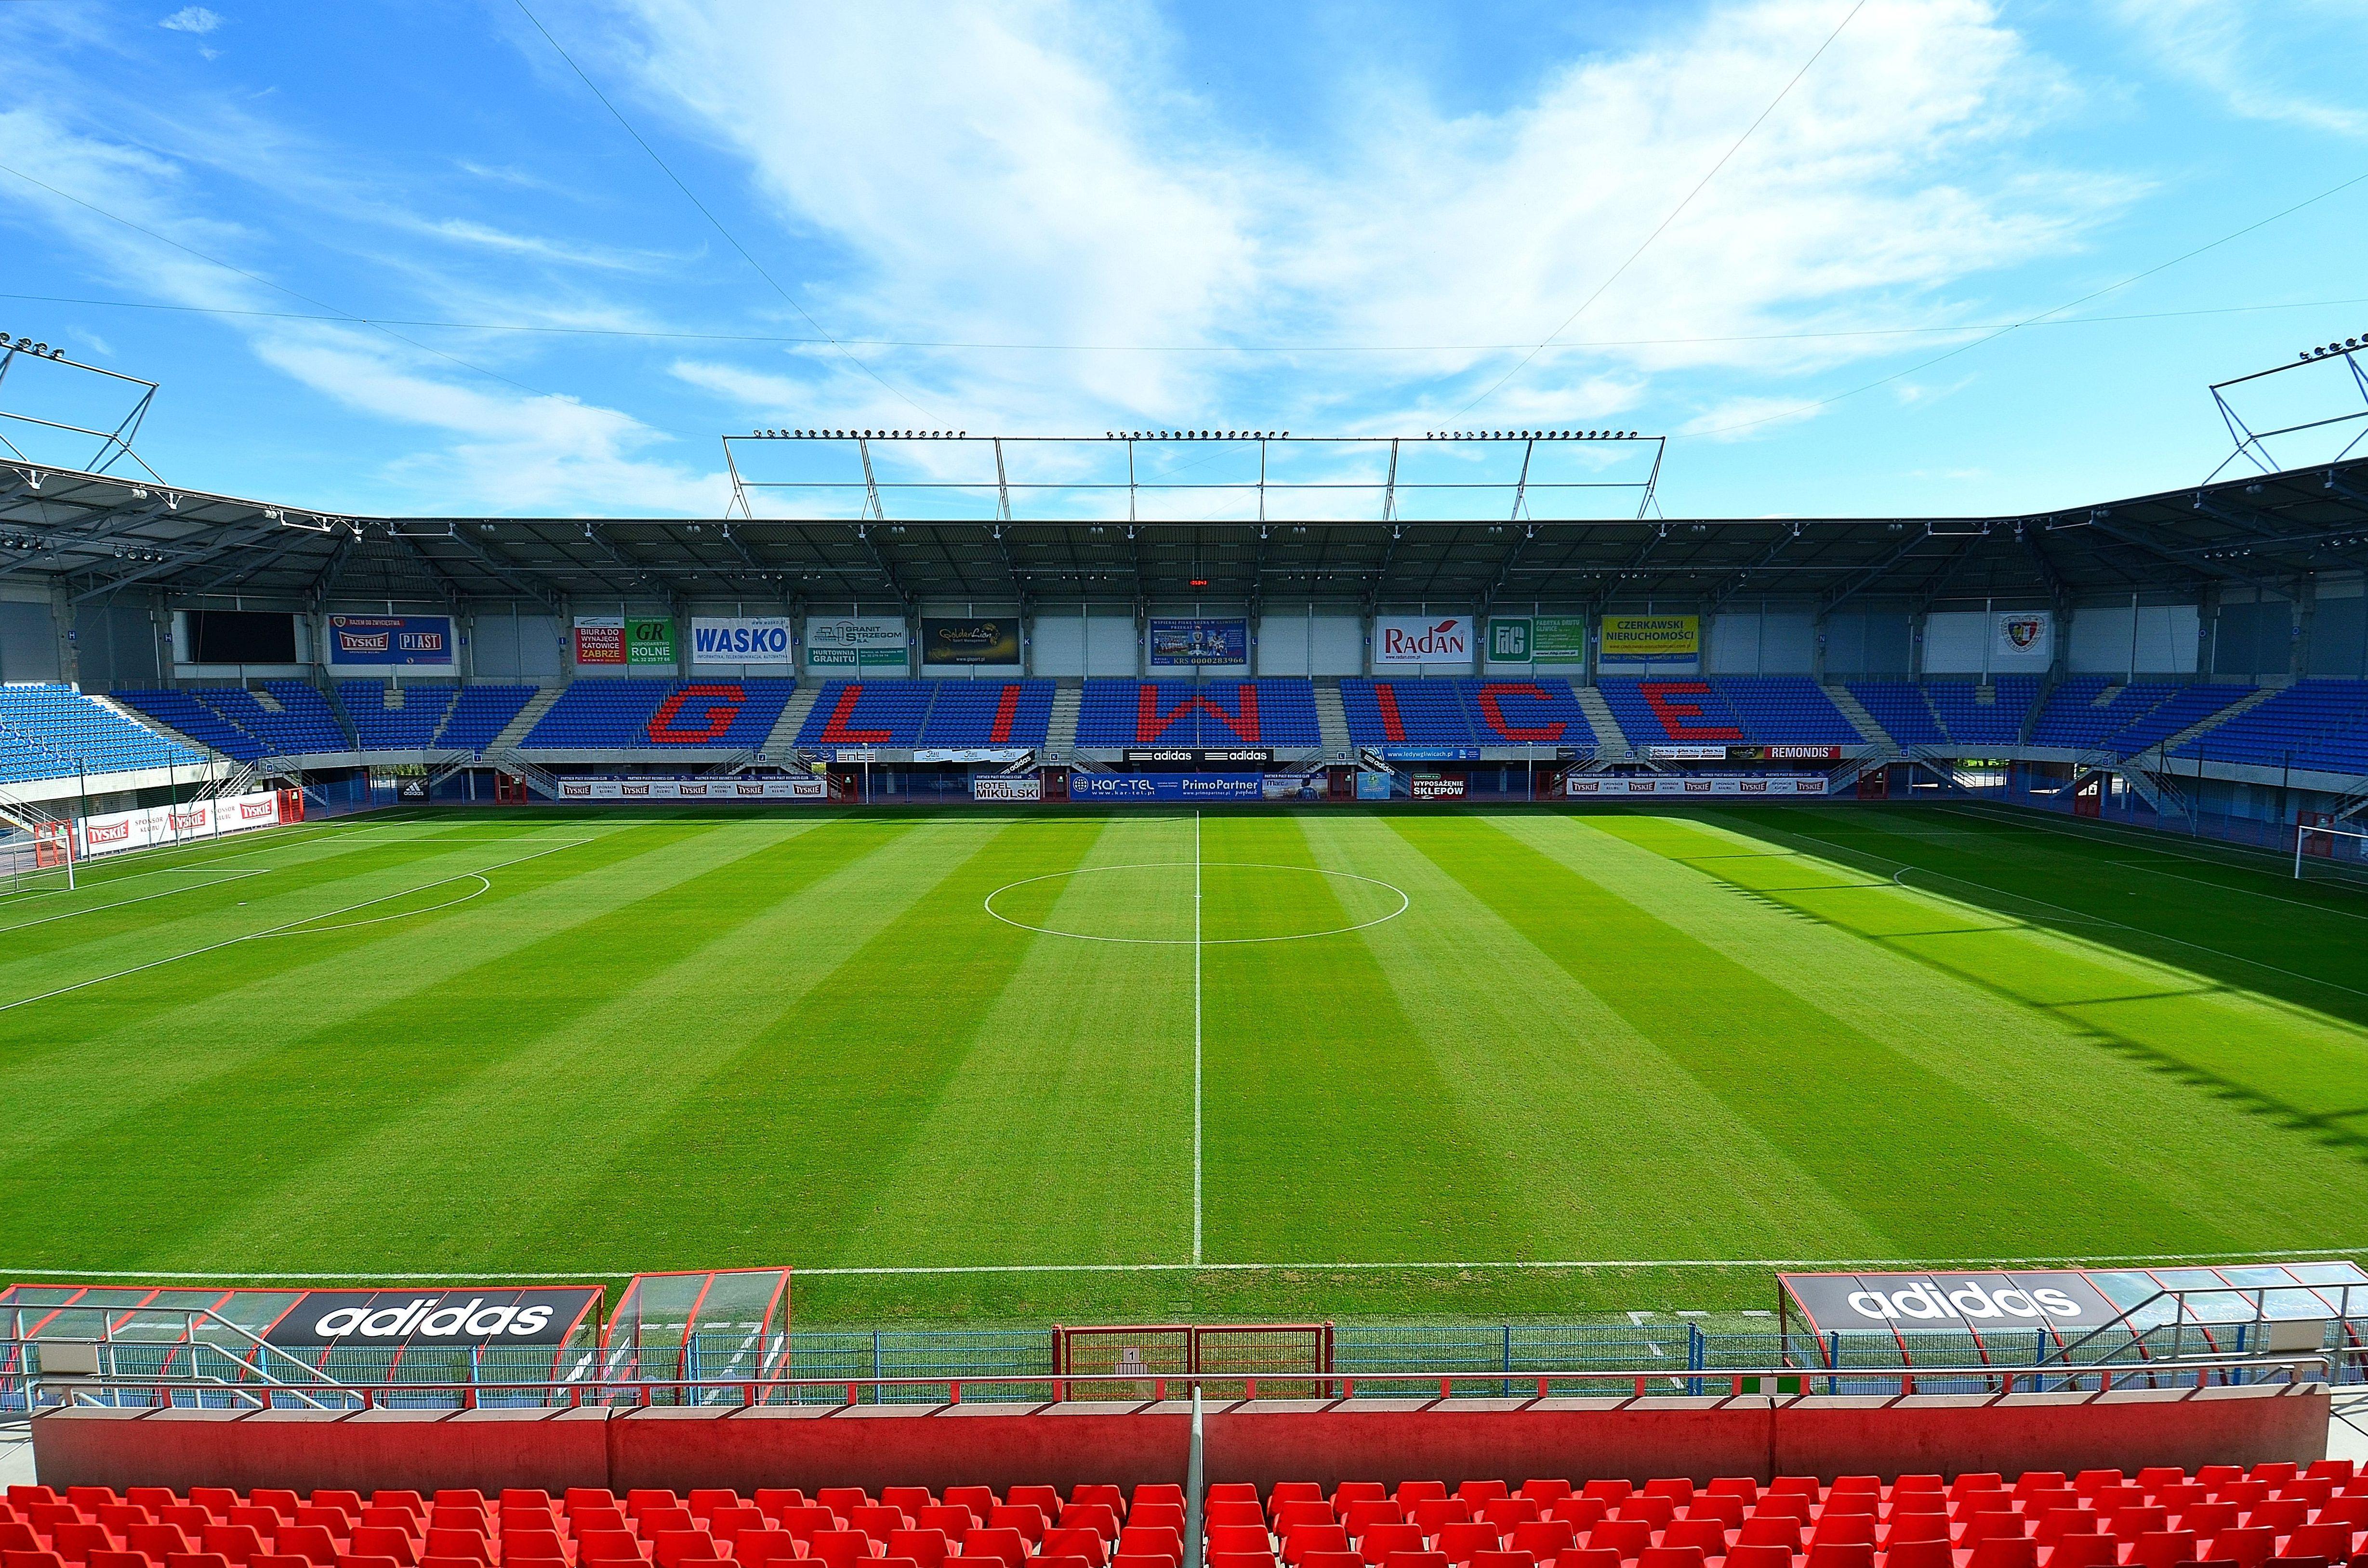 Stadion Miejski W Gliwicach Wikipedia Wolna Encyklopedia